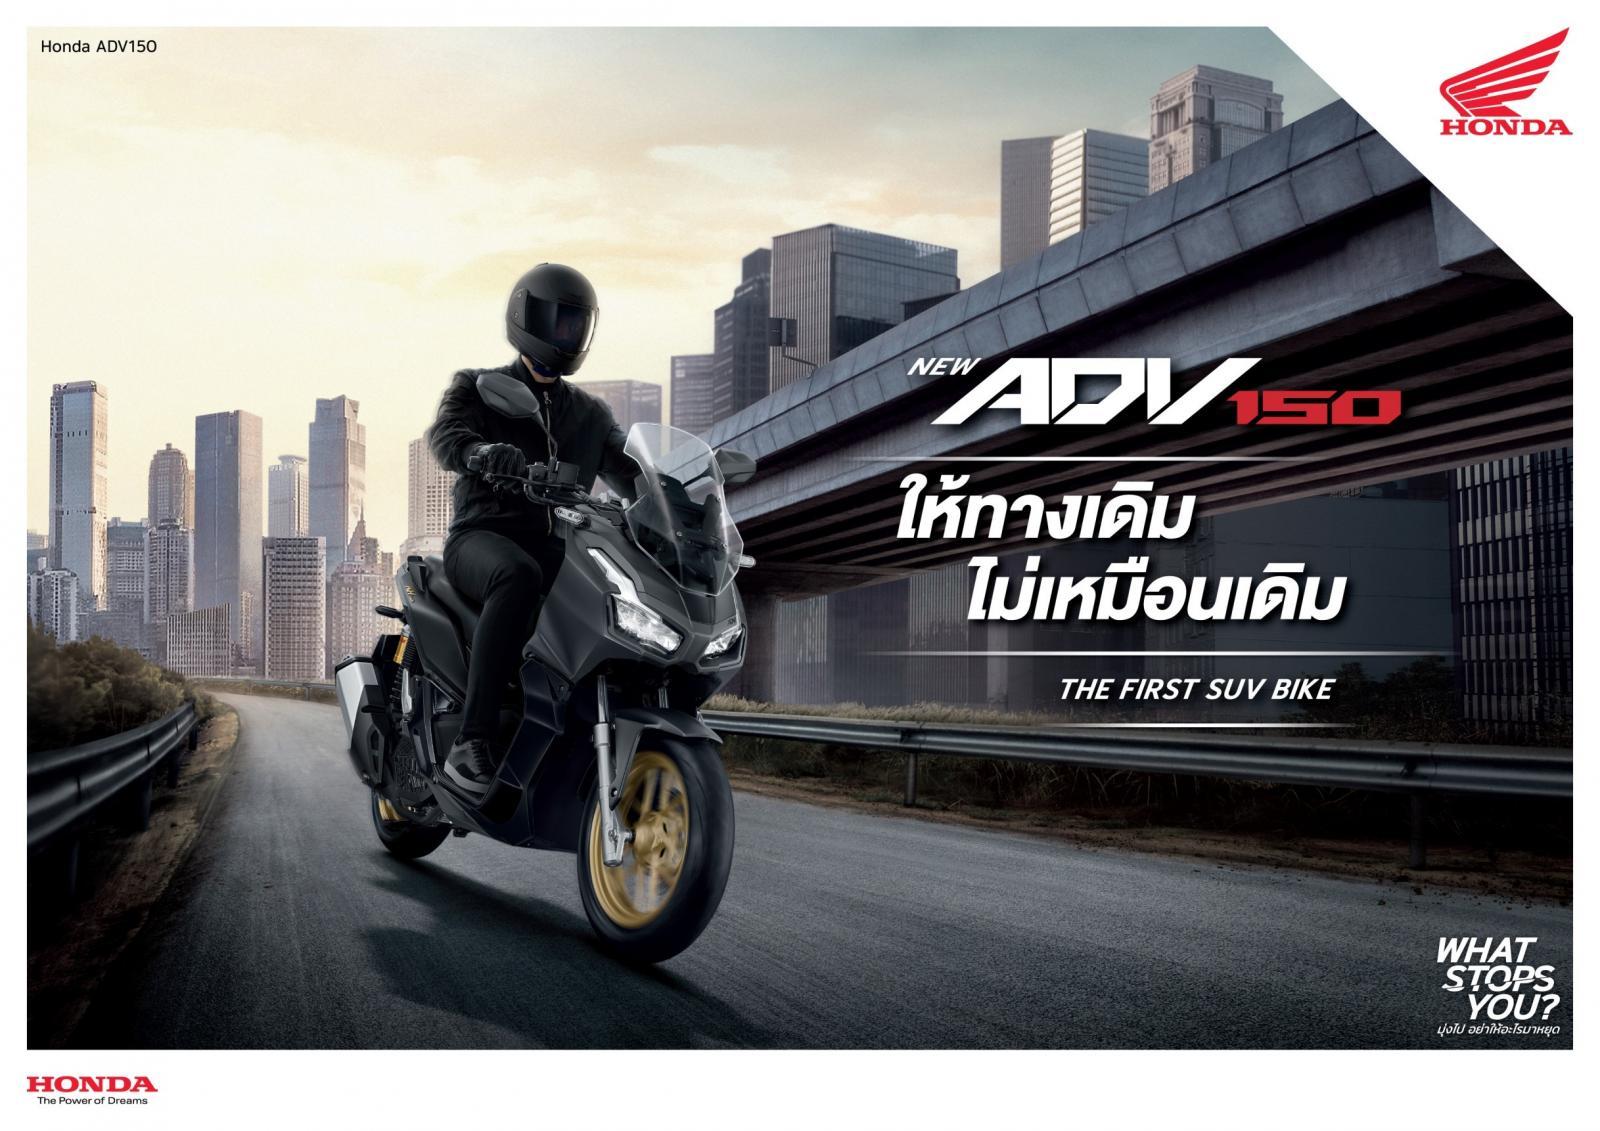 ราคาและตารางผ่อน ดาวน์ Honda ADV 150